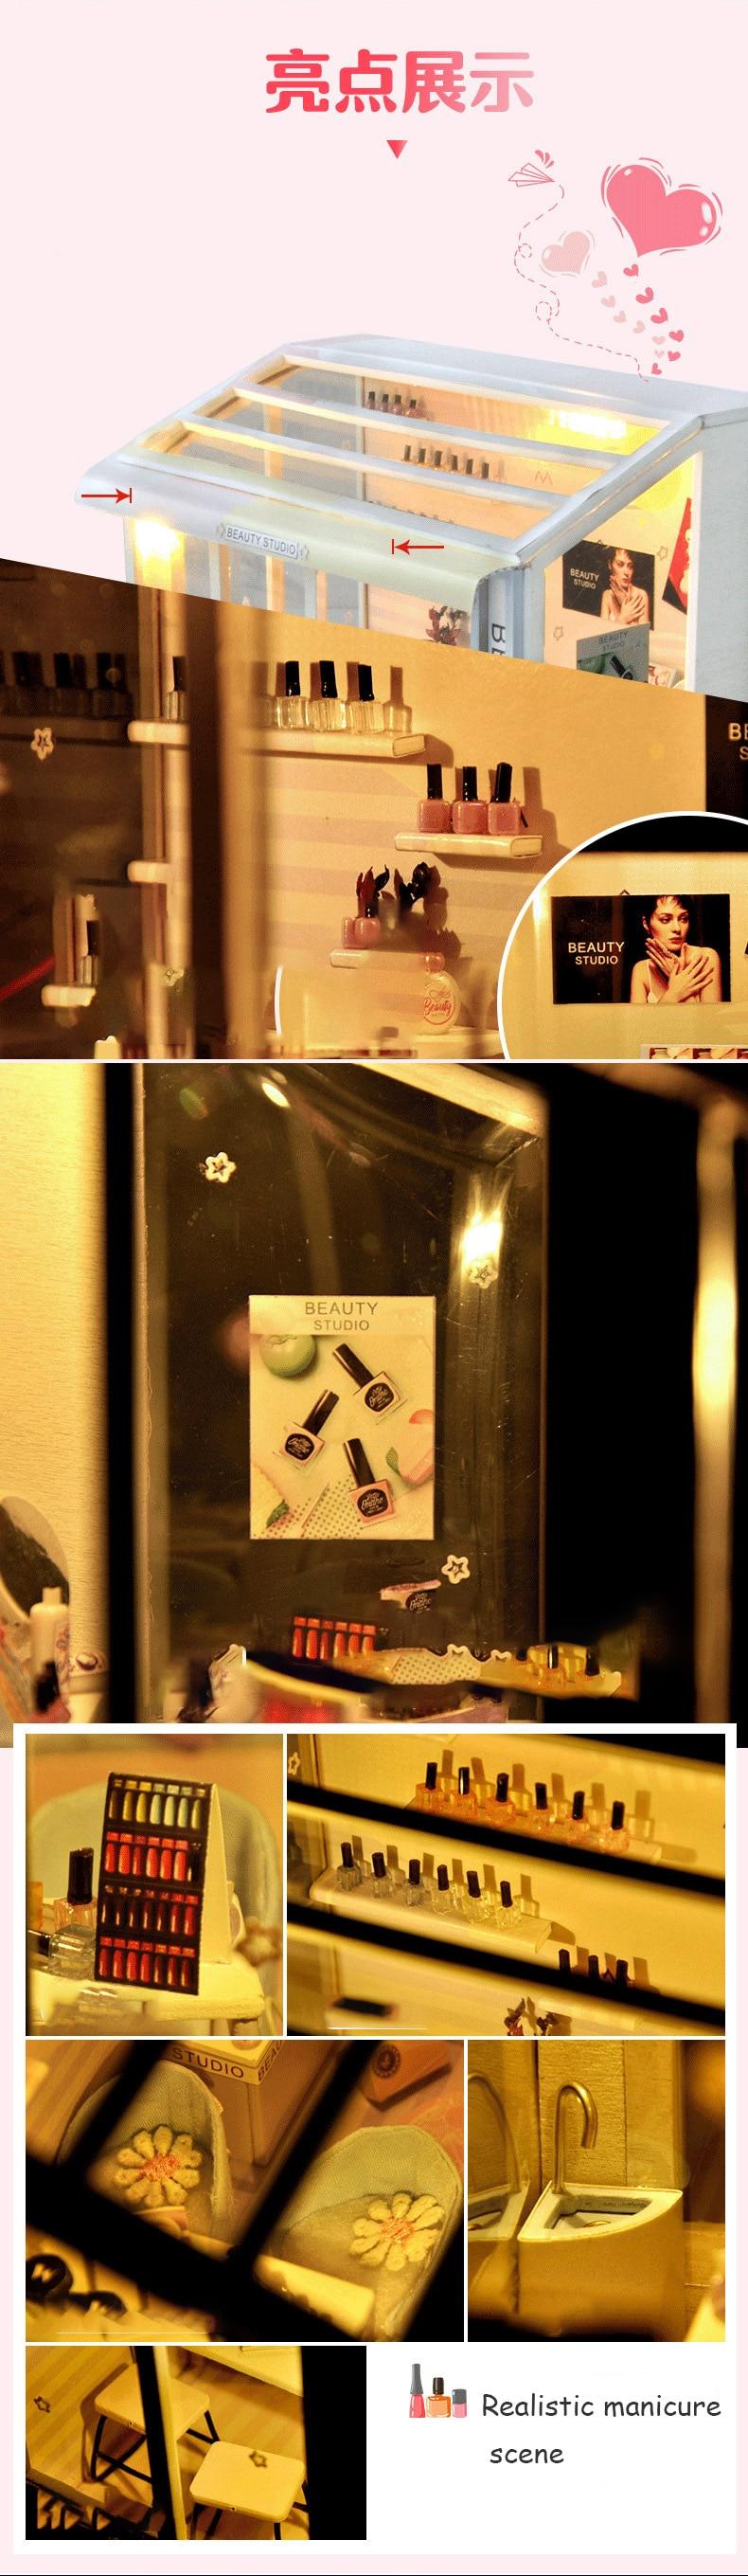 H9ed53403a4a241e7b0c1daca84f5cf24v - Robotime - DIY Models, DIY Miniature Houses, 3d Wooden Puzzle